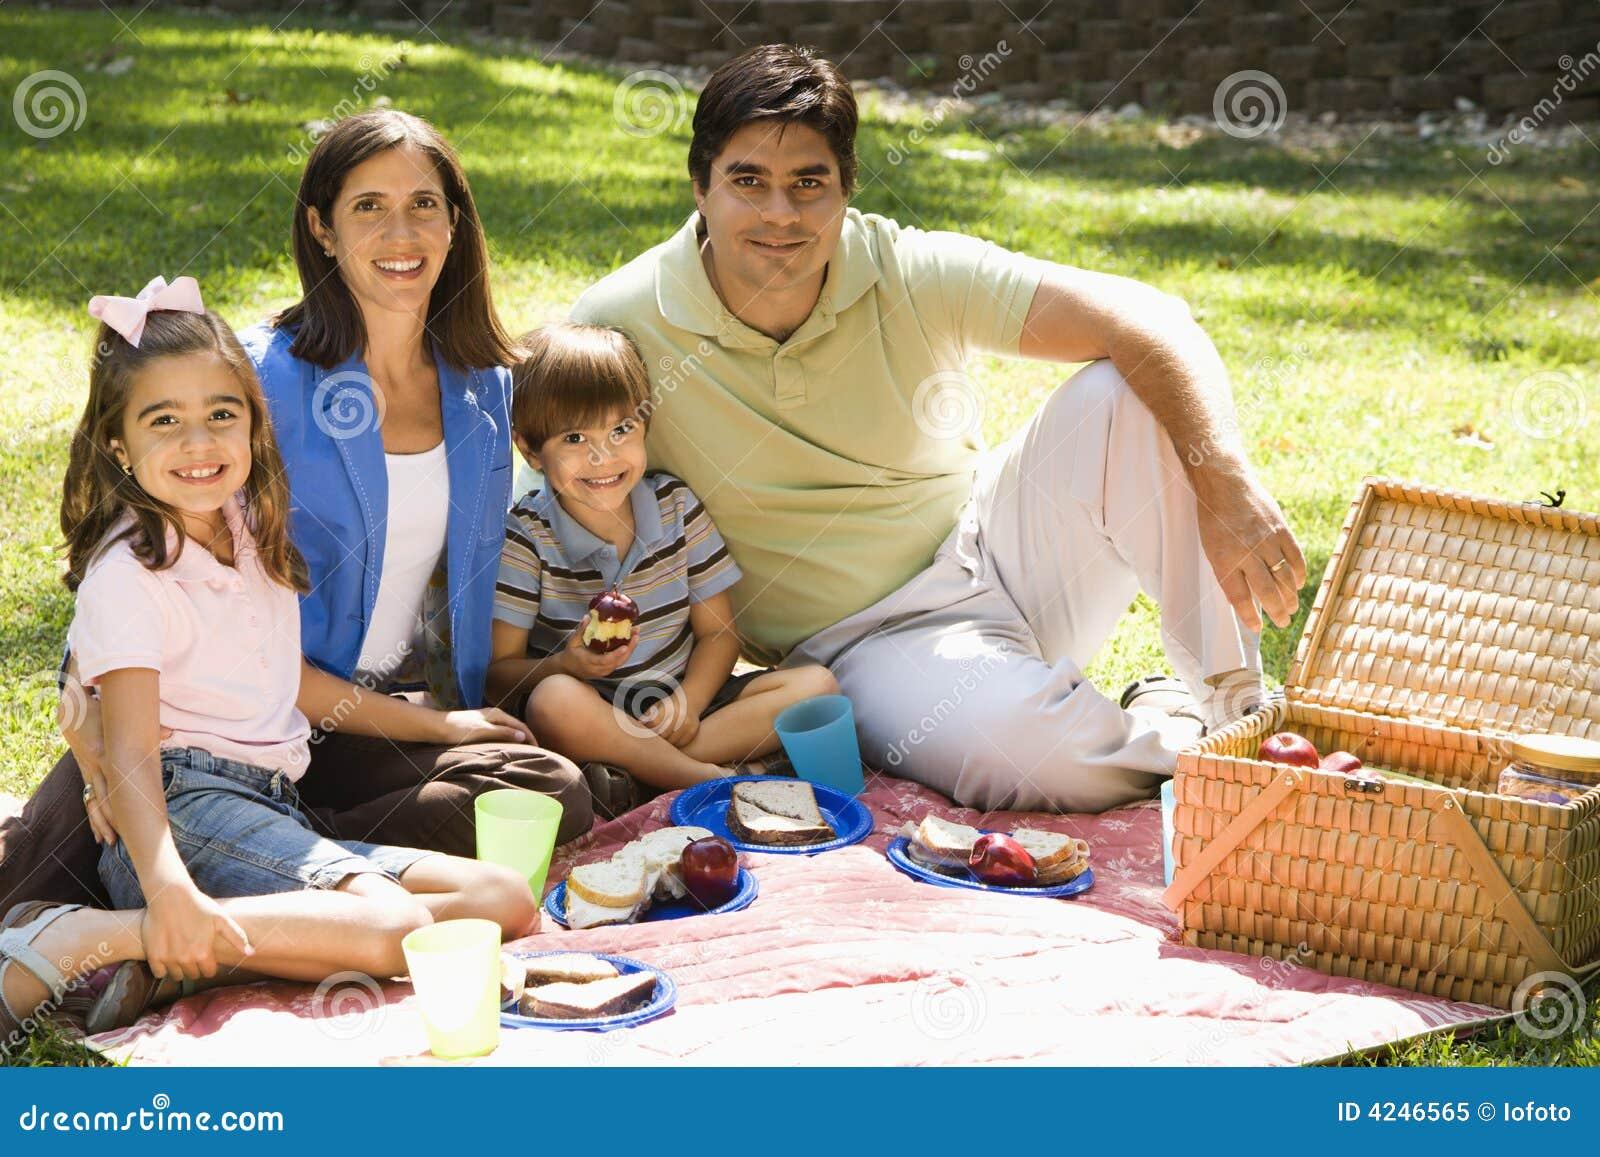 Familia picnicing.